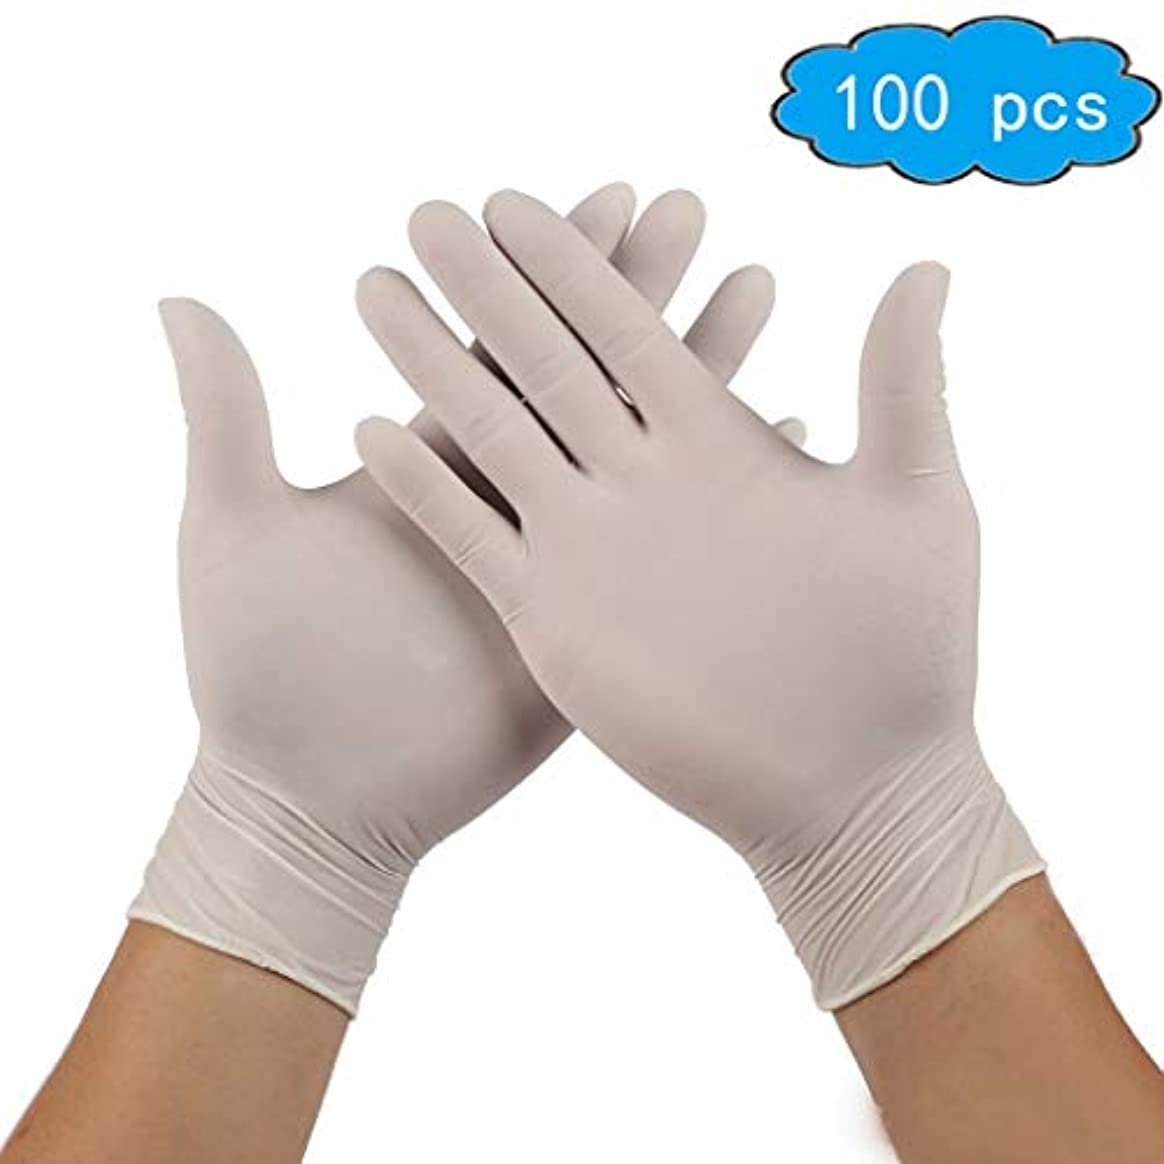 水差し告発不注意使い捨てニトリル手袋 - 医療グレード、非滅菌、食品安全、100のパック (Color : White, Size : M)